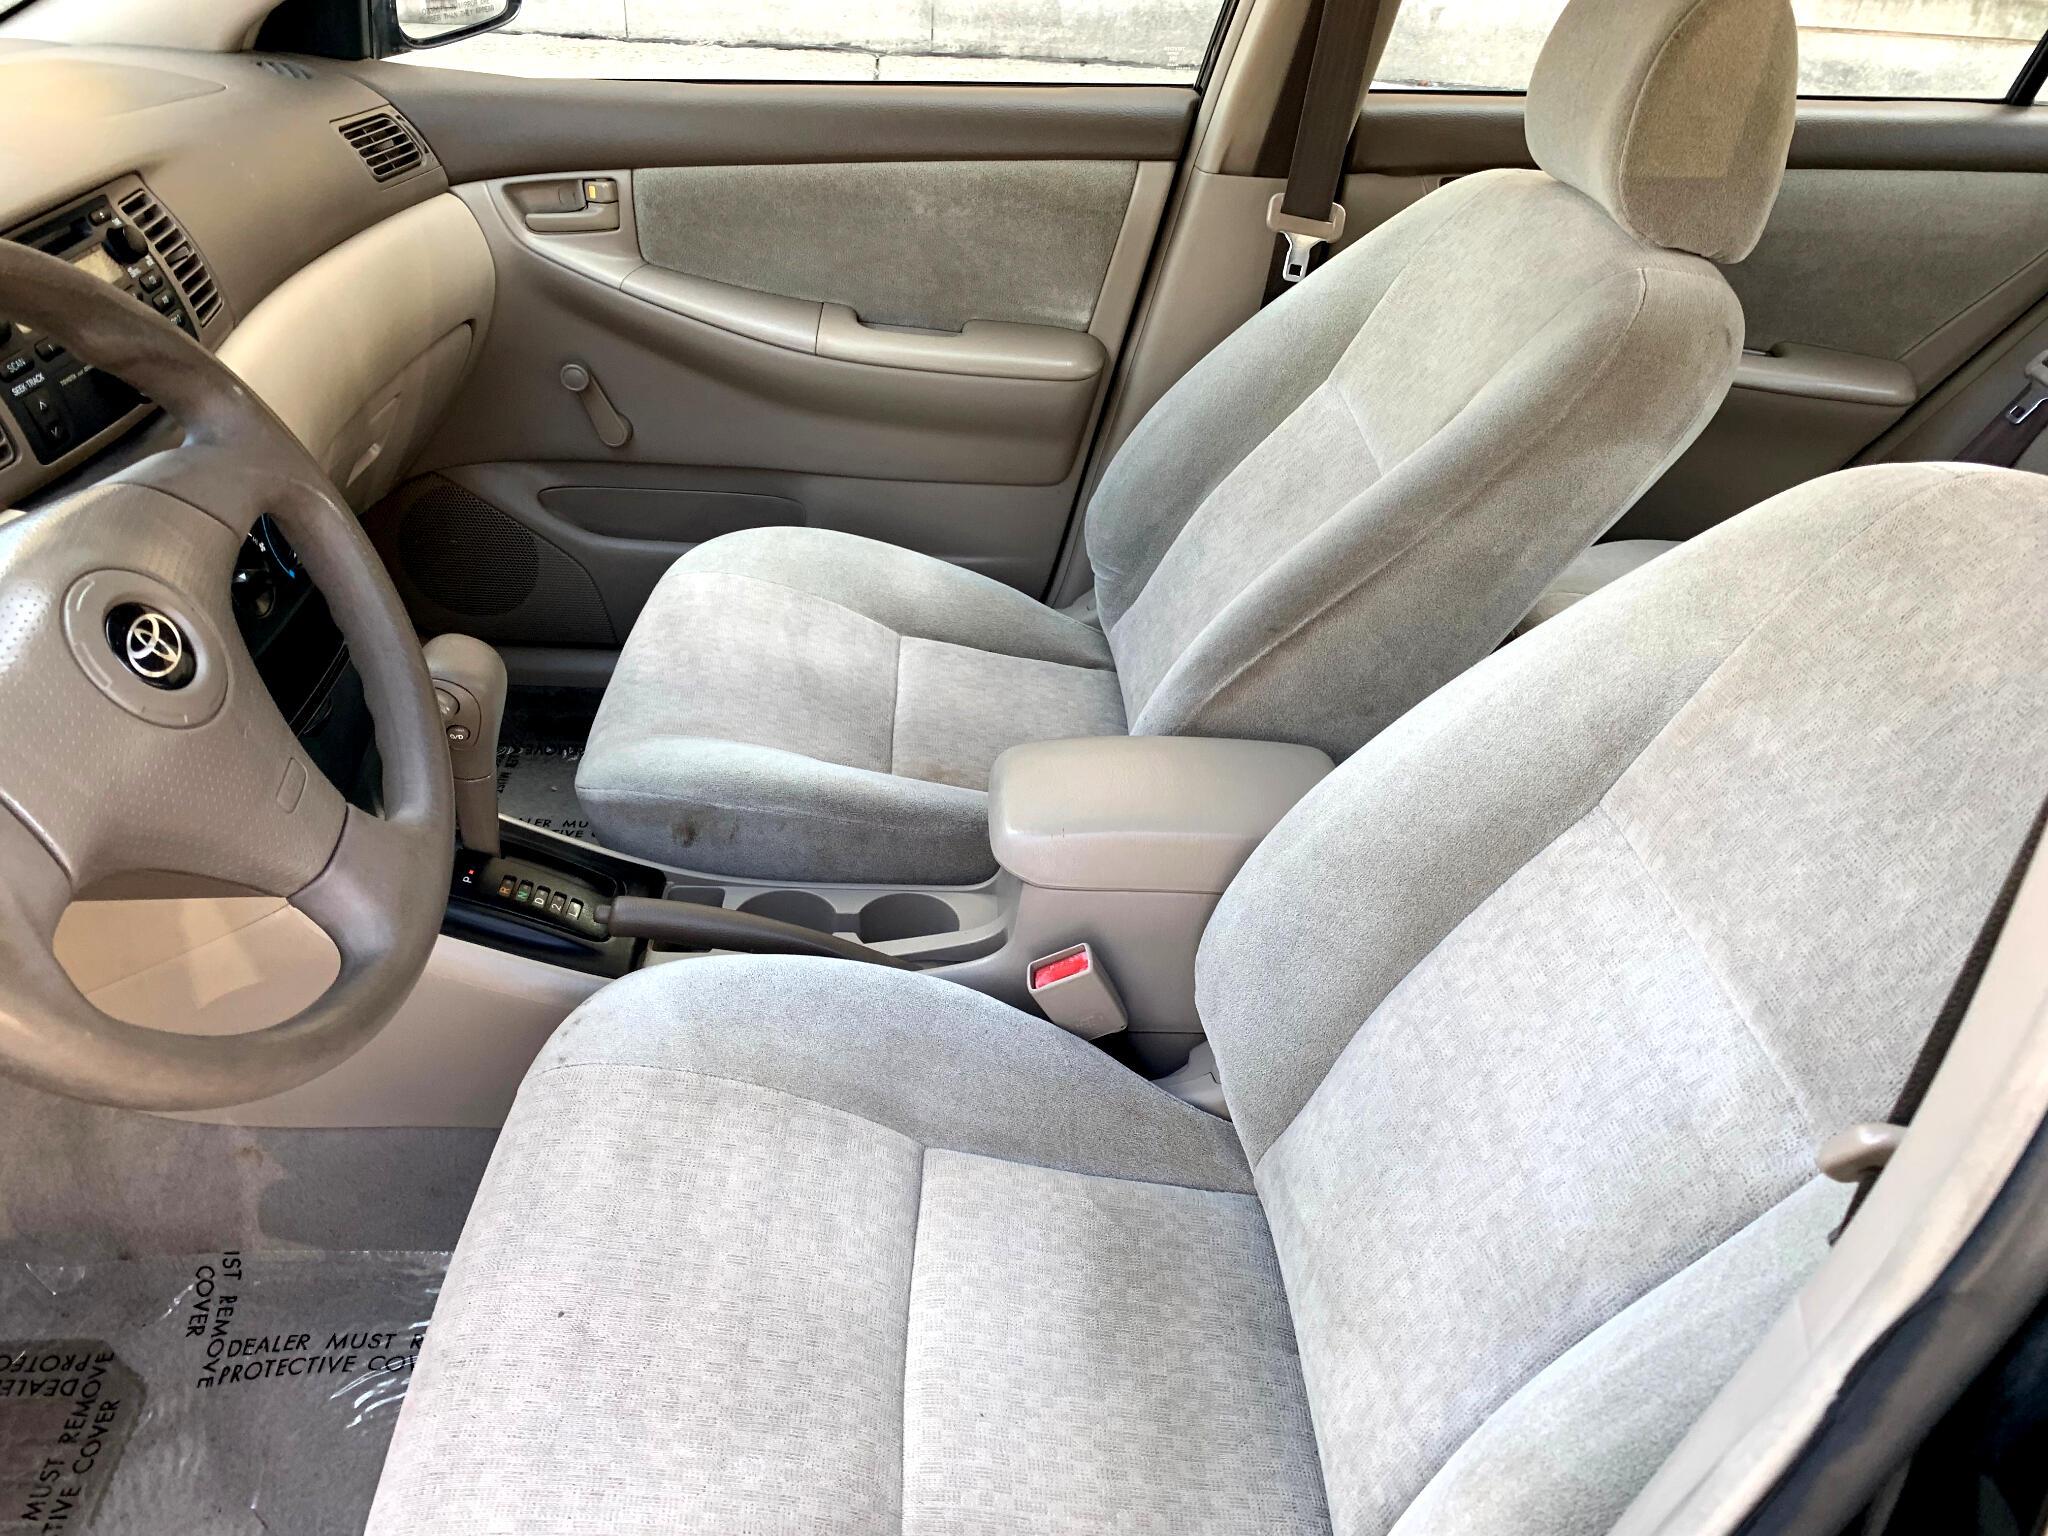 2003 Toyota Corolla 4dr Sdn CE Auto (Natl)